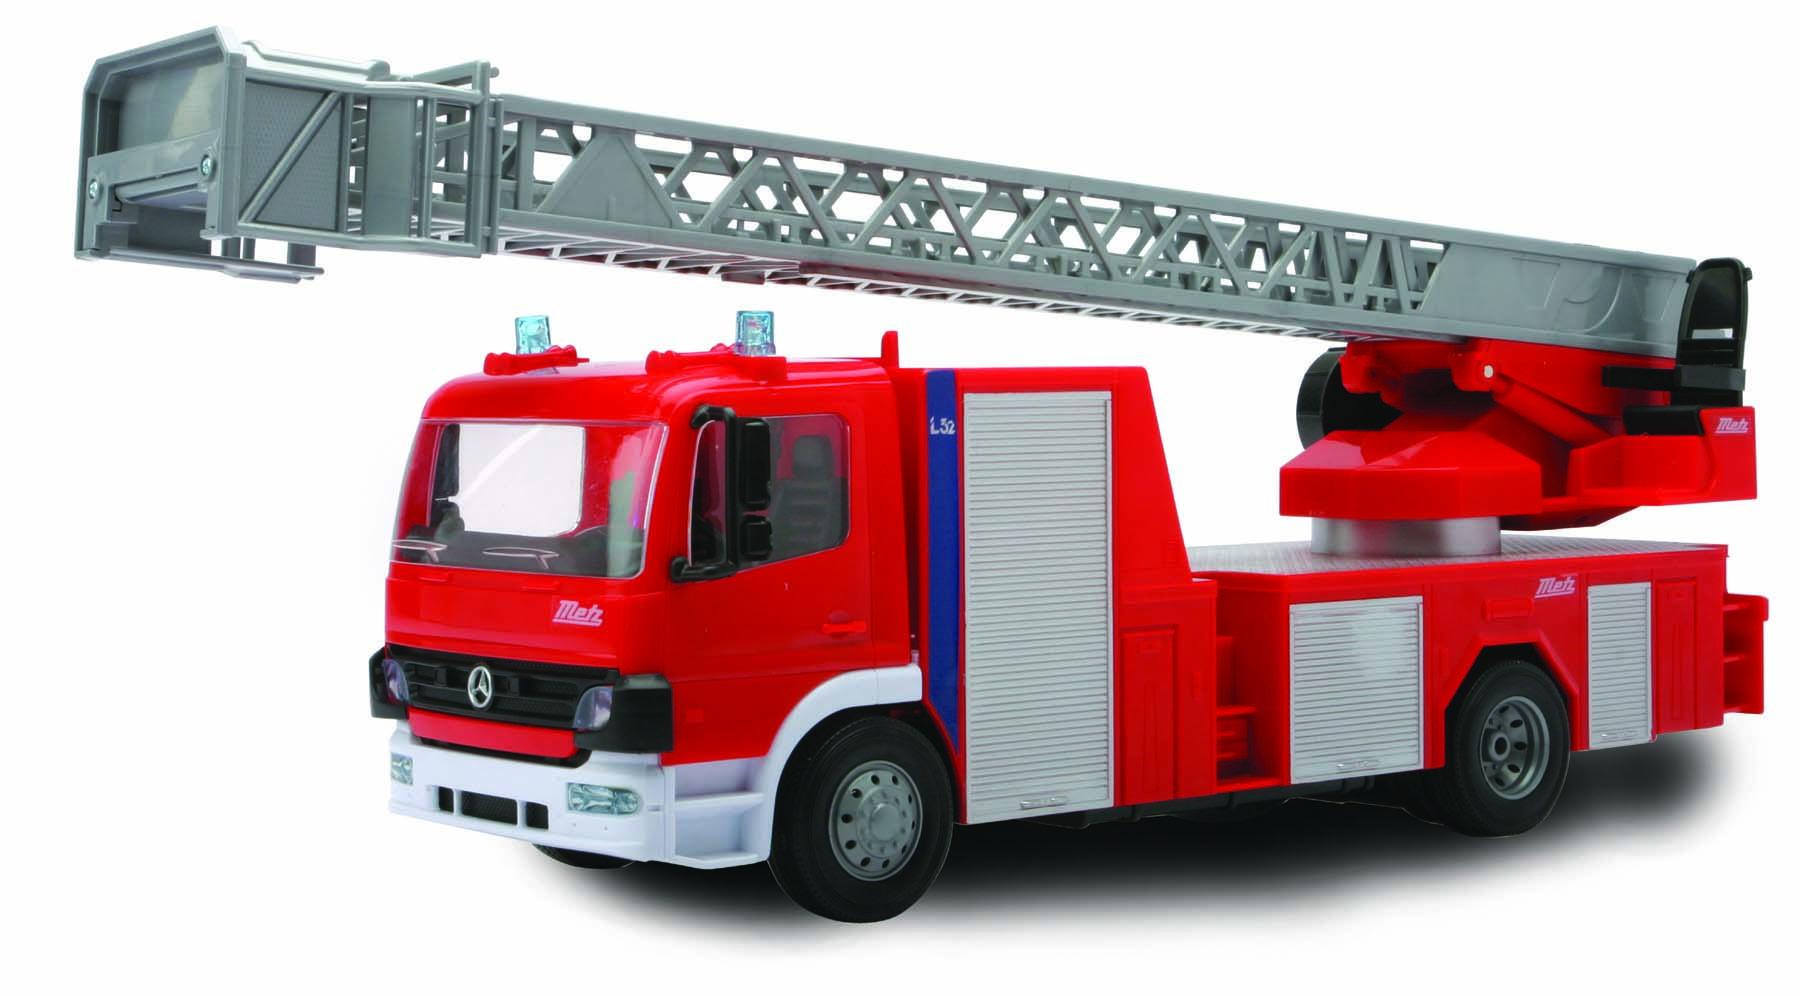 Camion pompier mercedes benz rdc 1 22 miniplanes - Image camion pompier ...